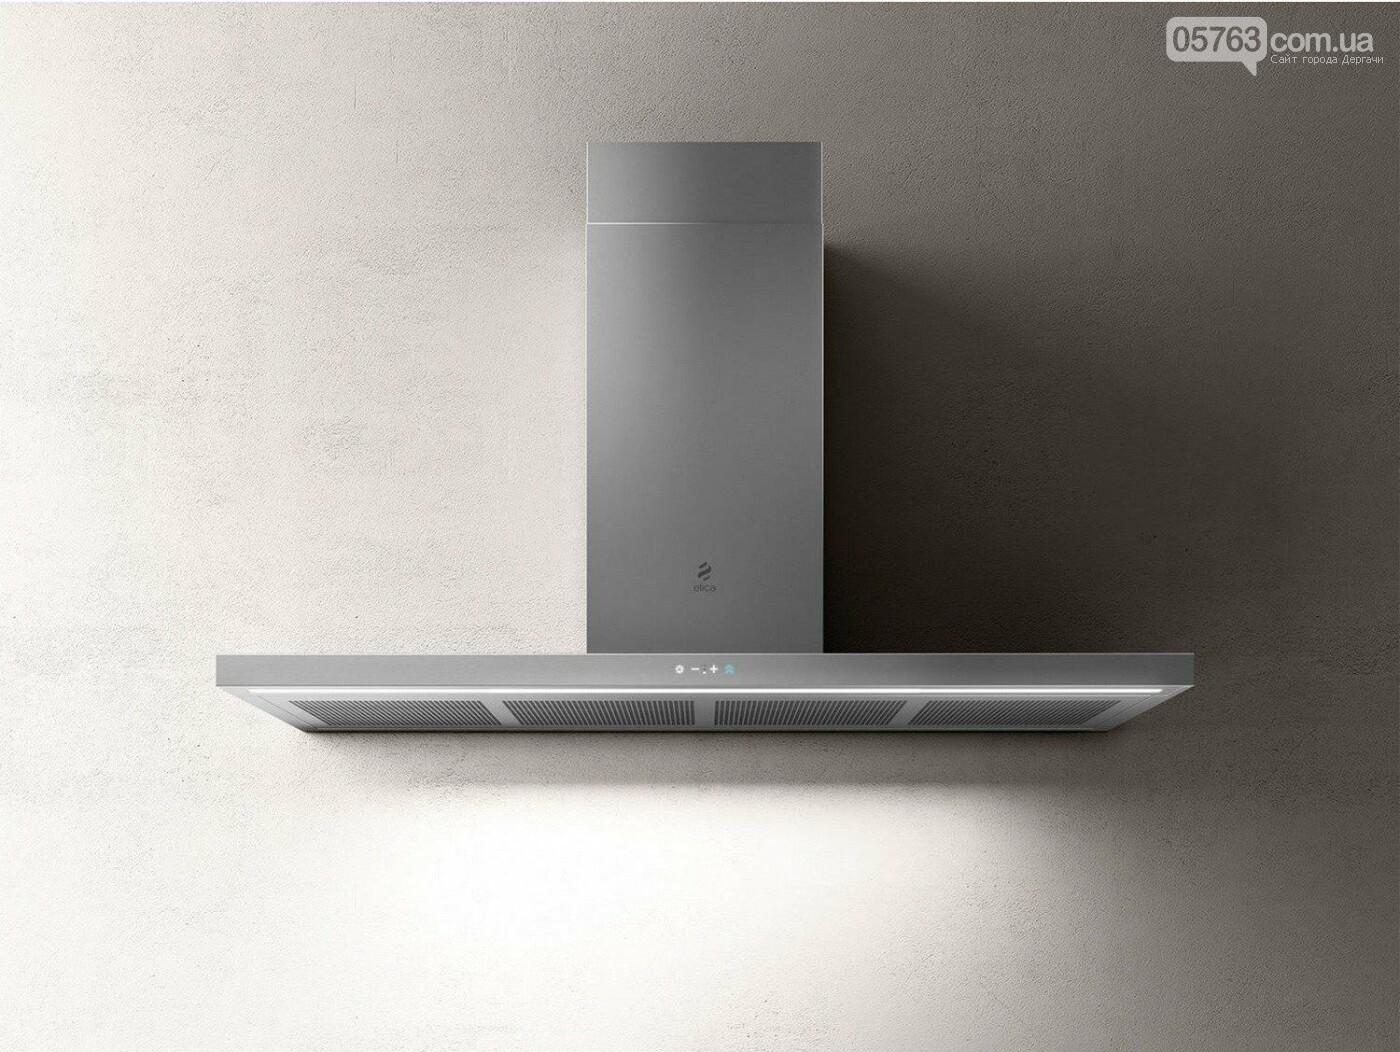 Витяжка Elica: комфорт і чистота повітря, сучасний стильний дизайн і зручність використання, фото-1